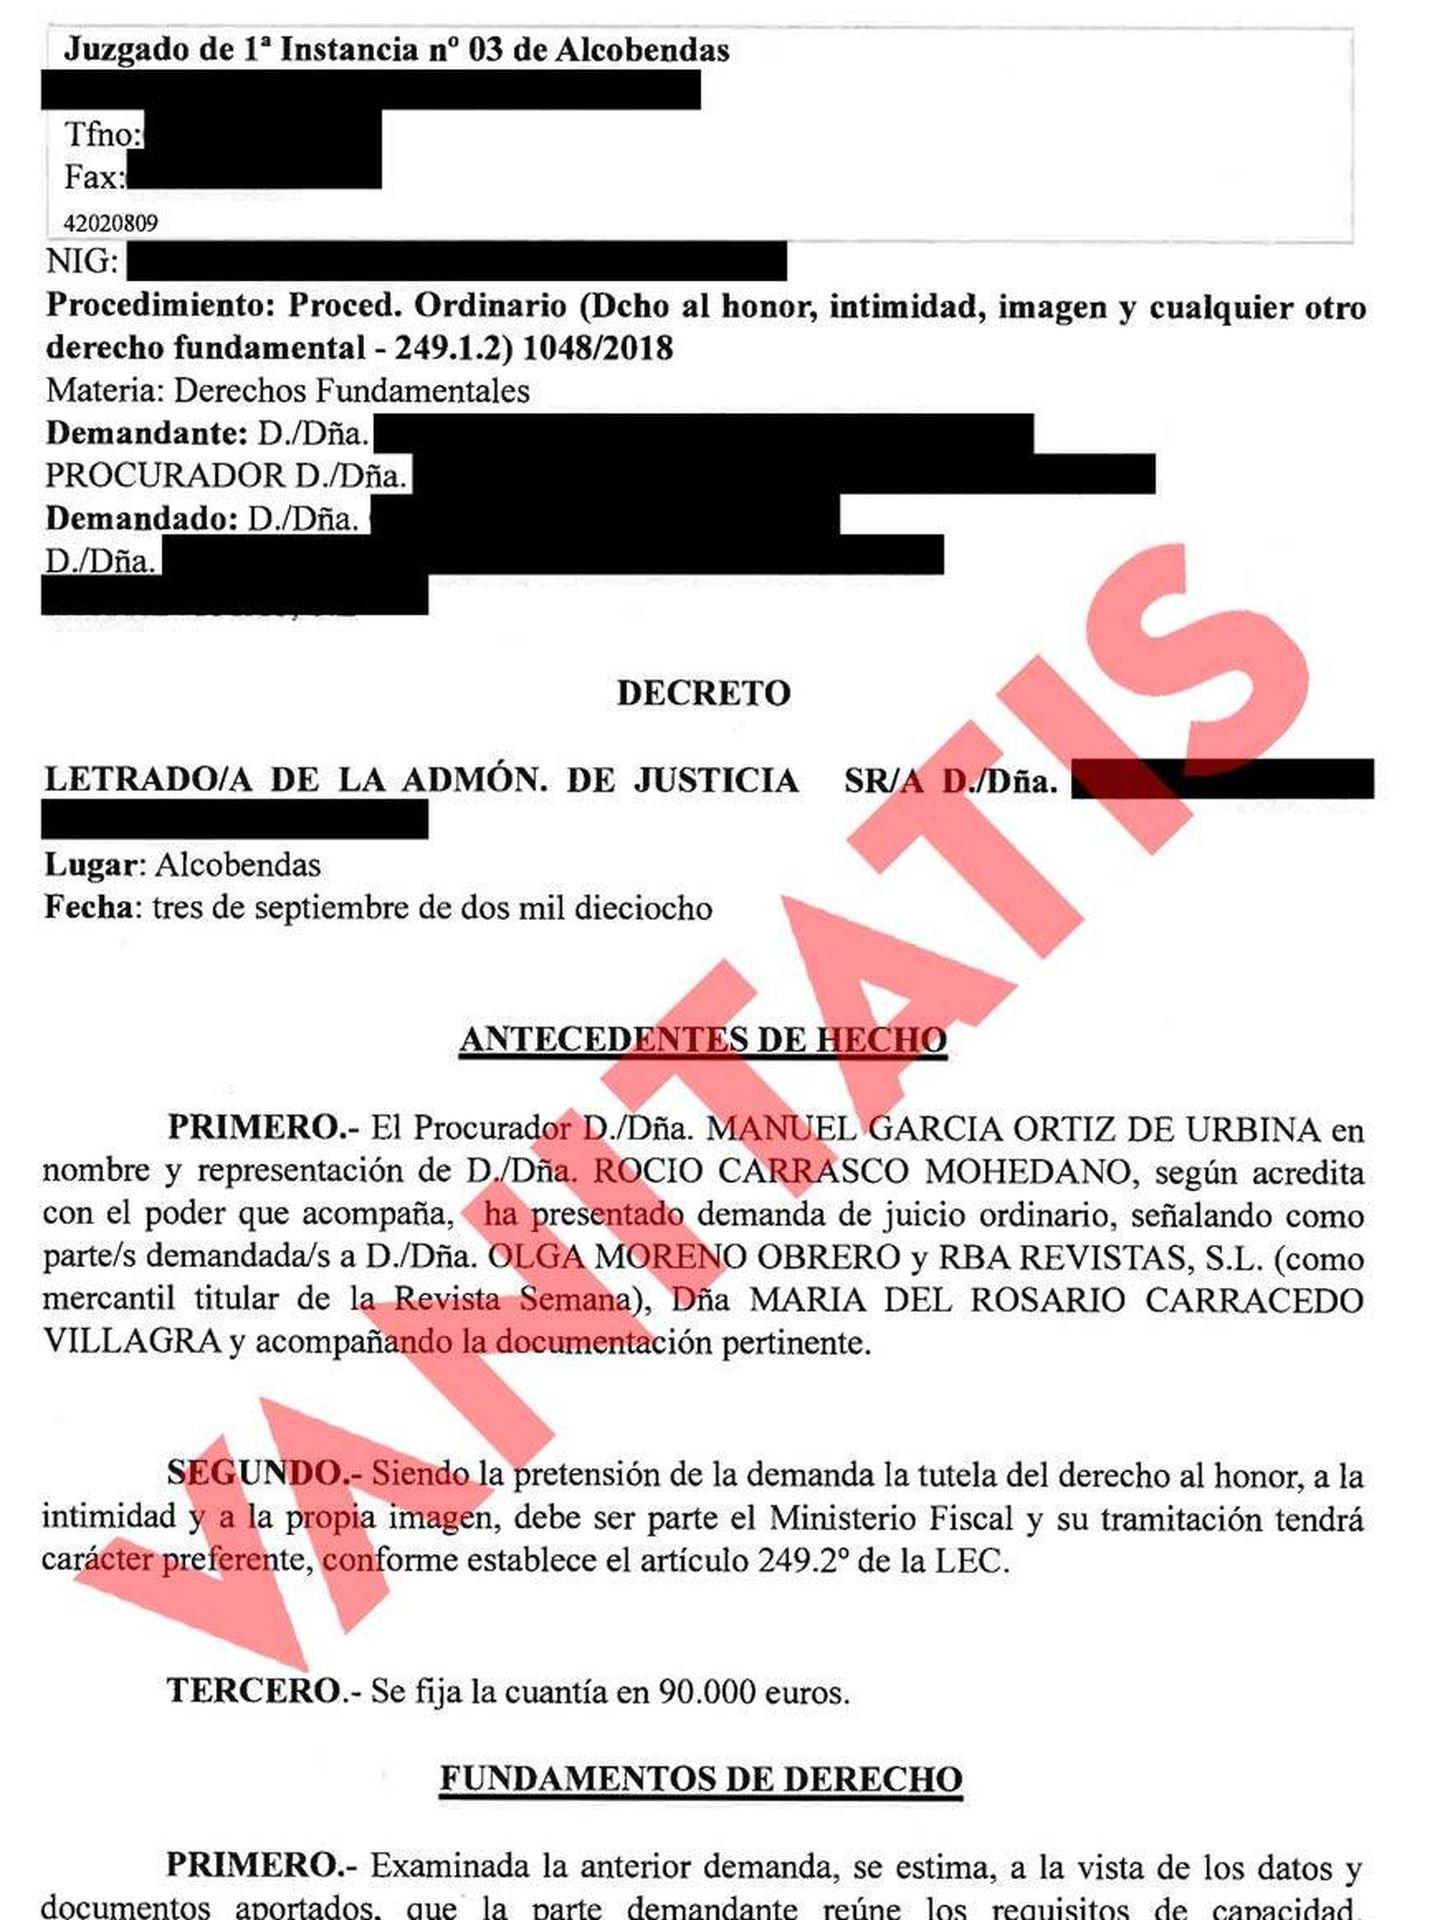 Decreto de admisión de la demanda.